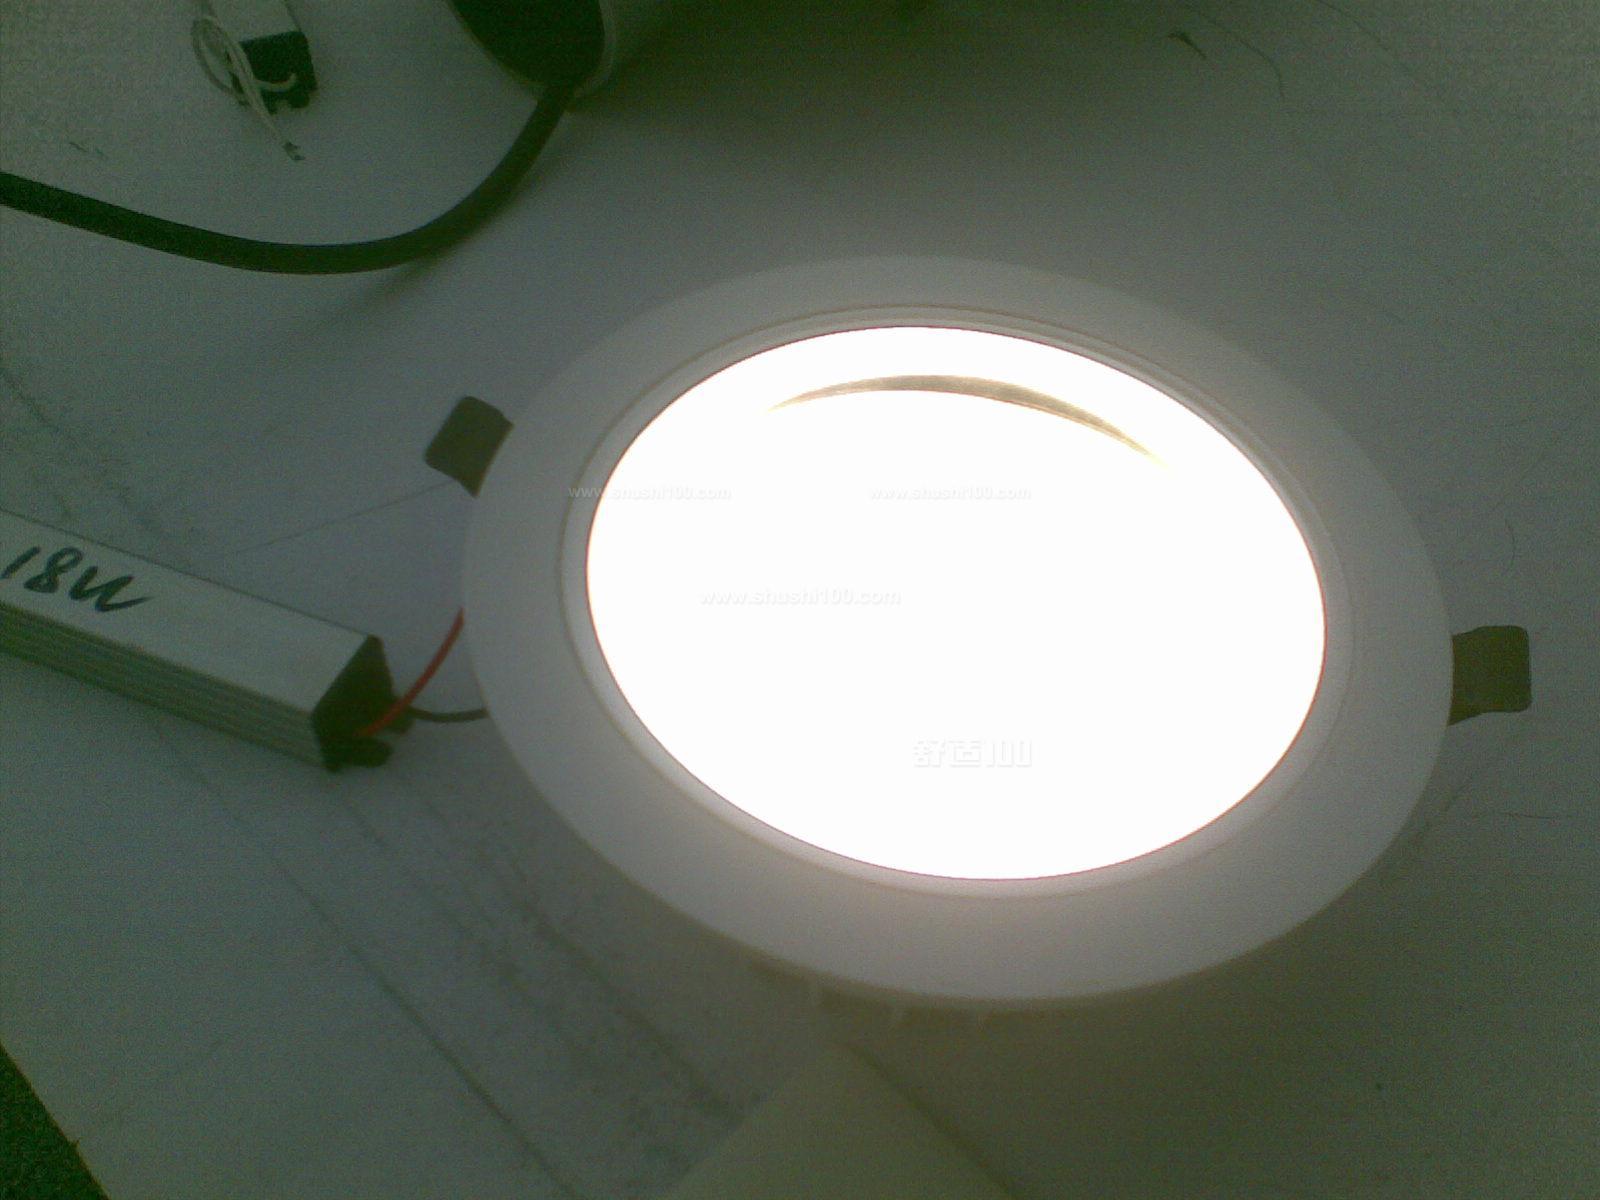 筒灯如何安装—安装步骤